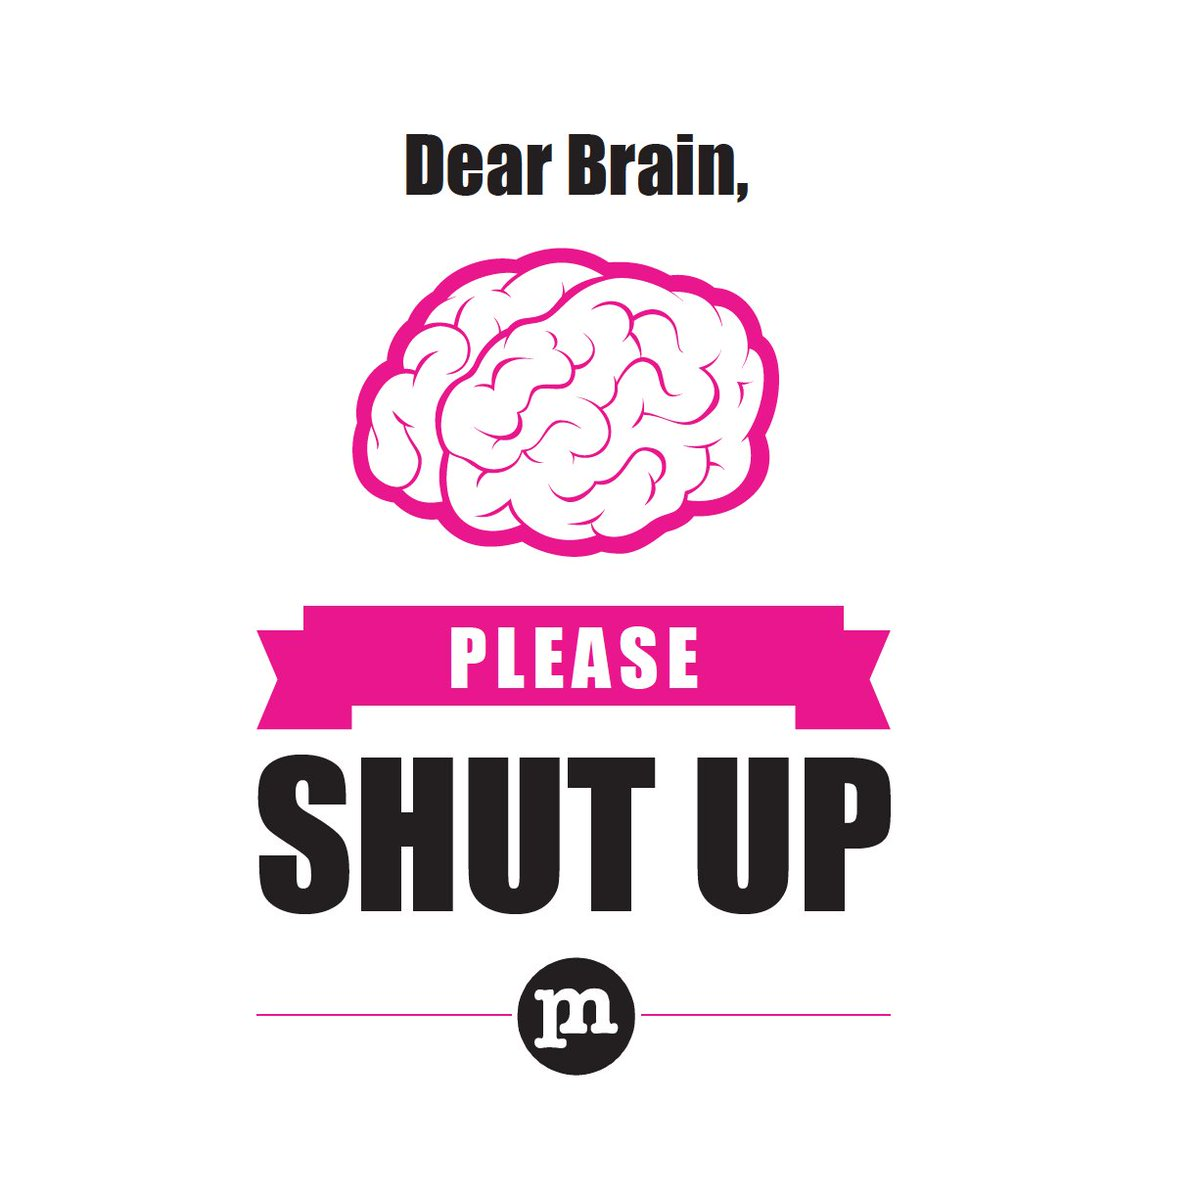 Dear brain please shut up sign